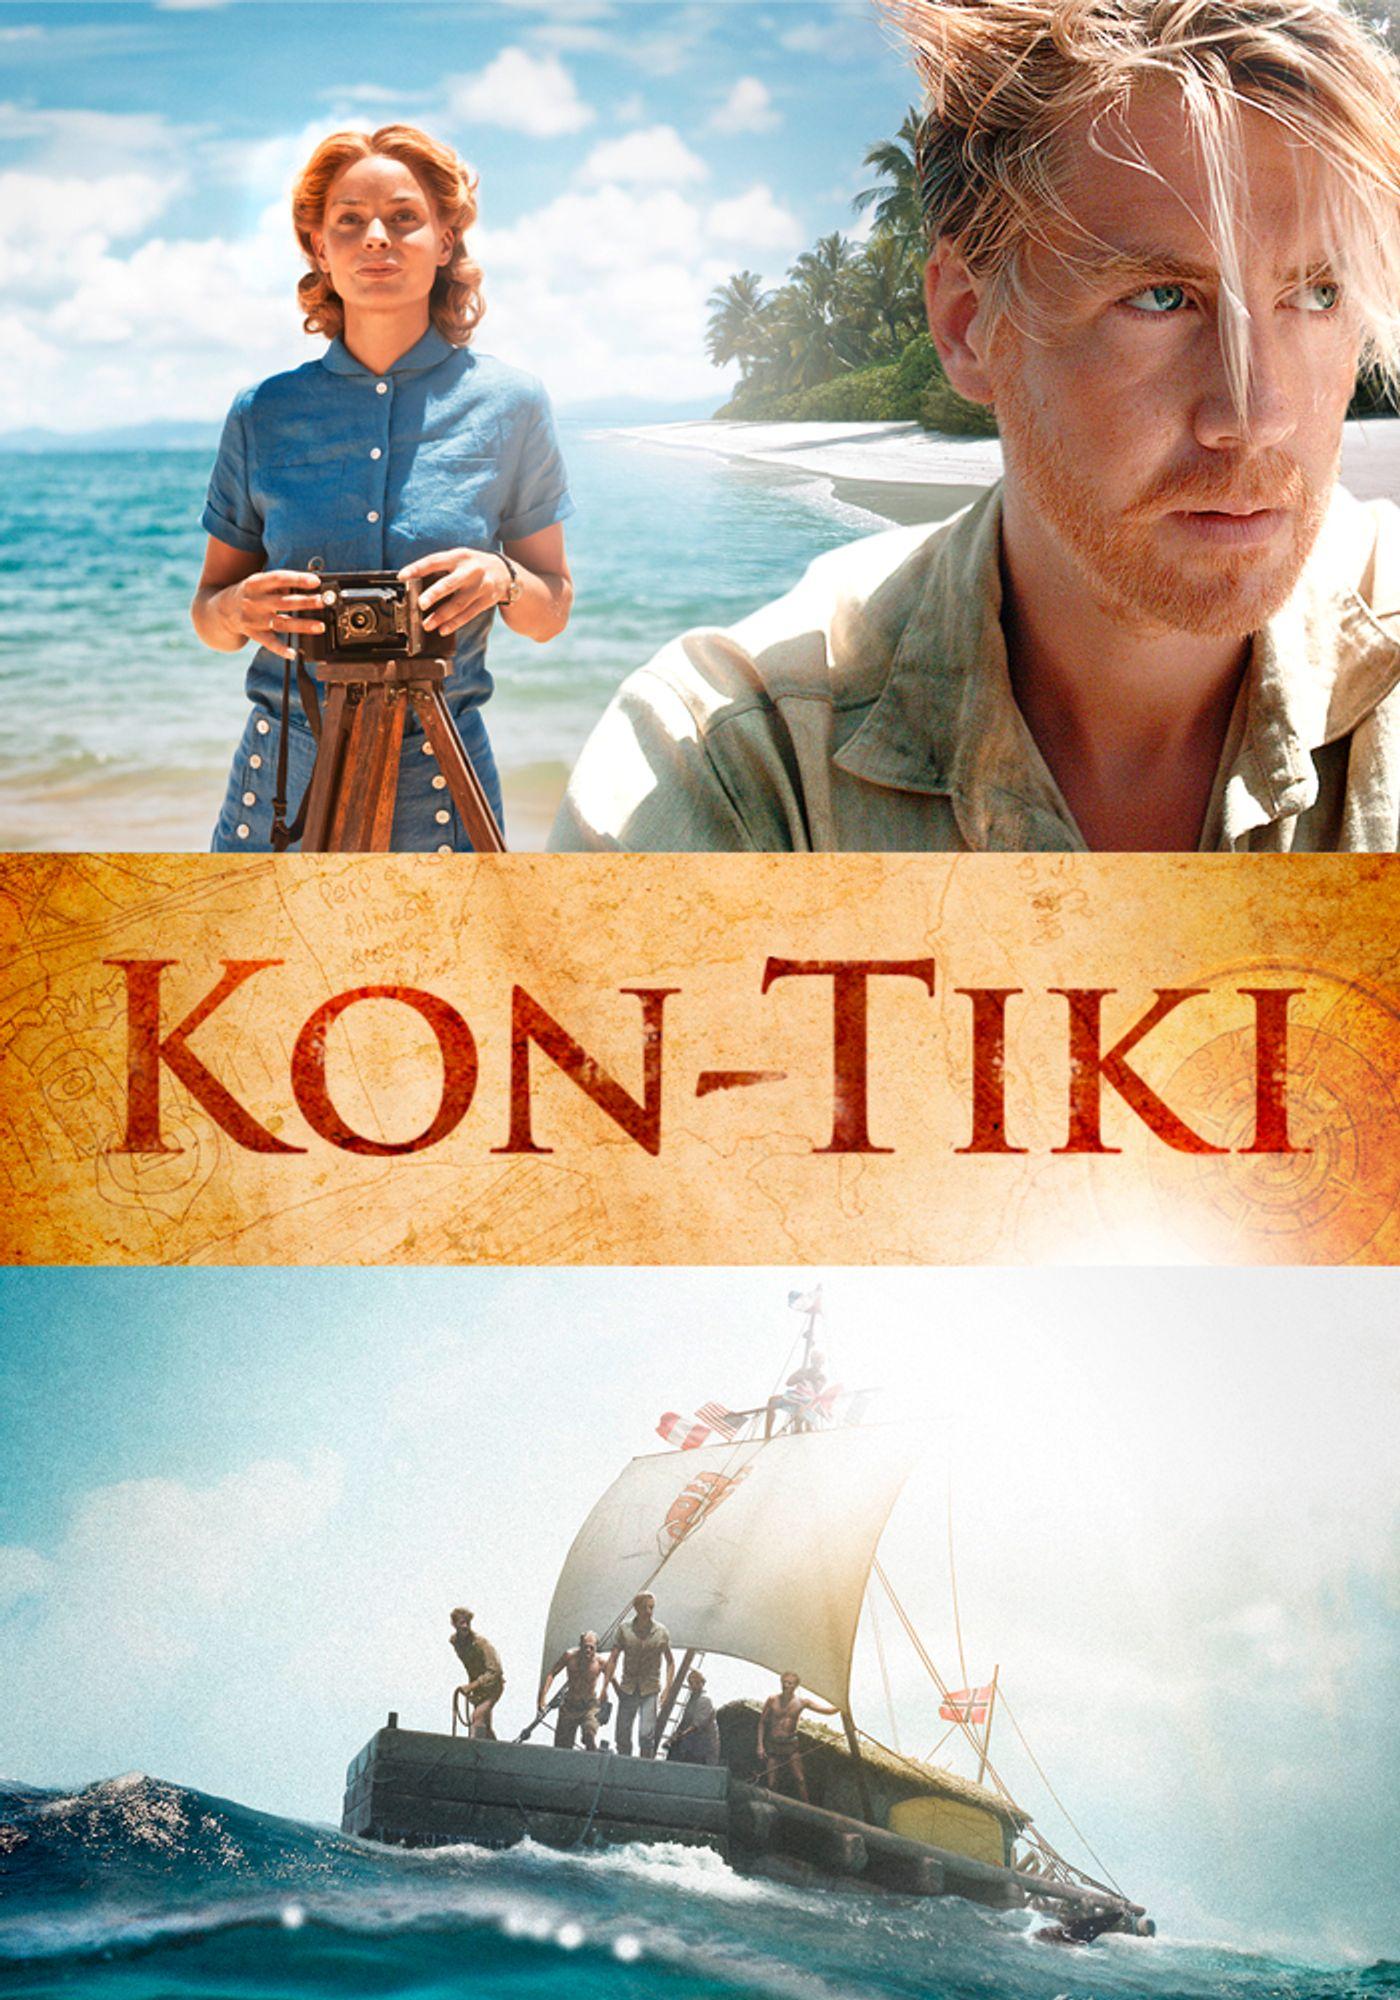 Kon-Tiki_MITELE-PLUS_700x1000